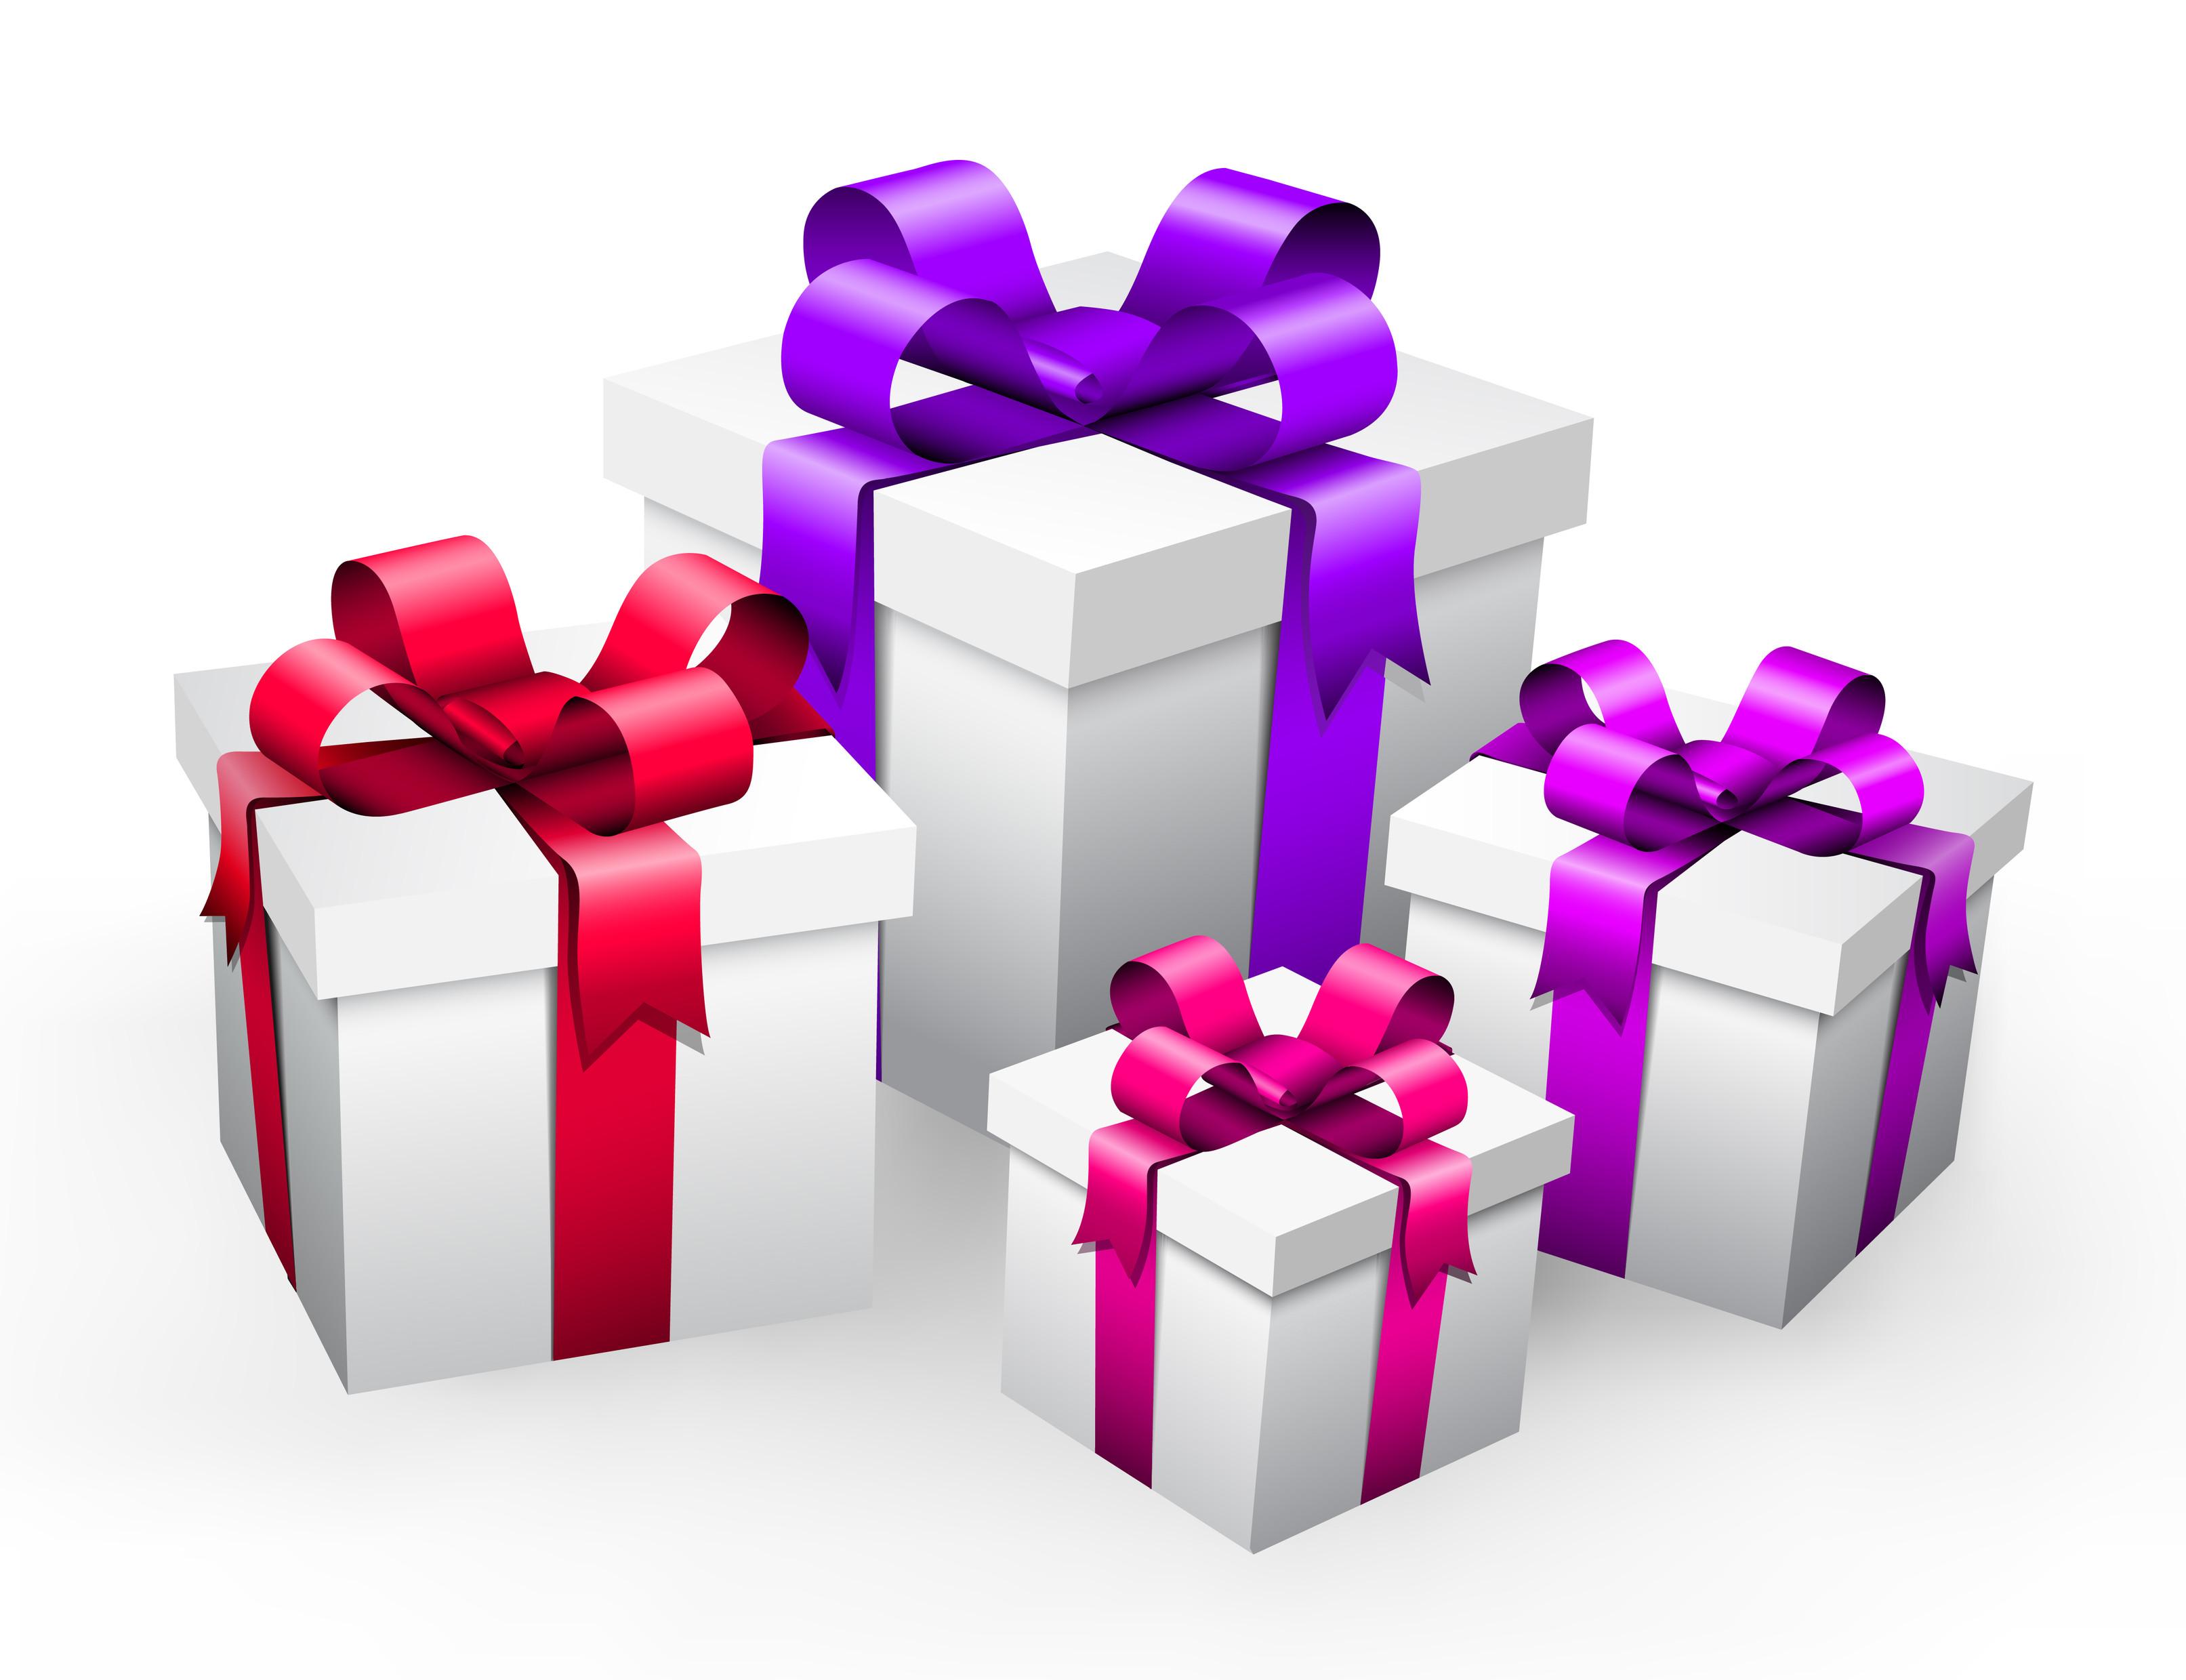 Www.Telekom.De/Geburtstagsgeschenk  Geburtstagsgeschenke DeinGeschenk normal sind